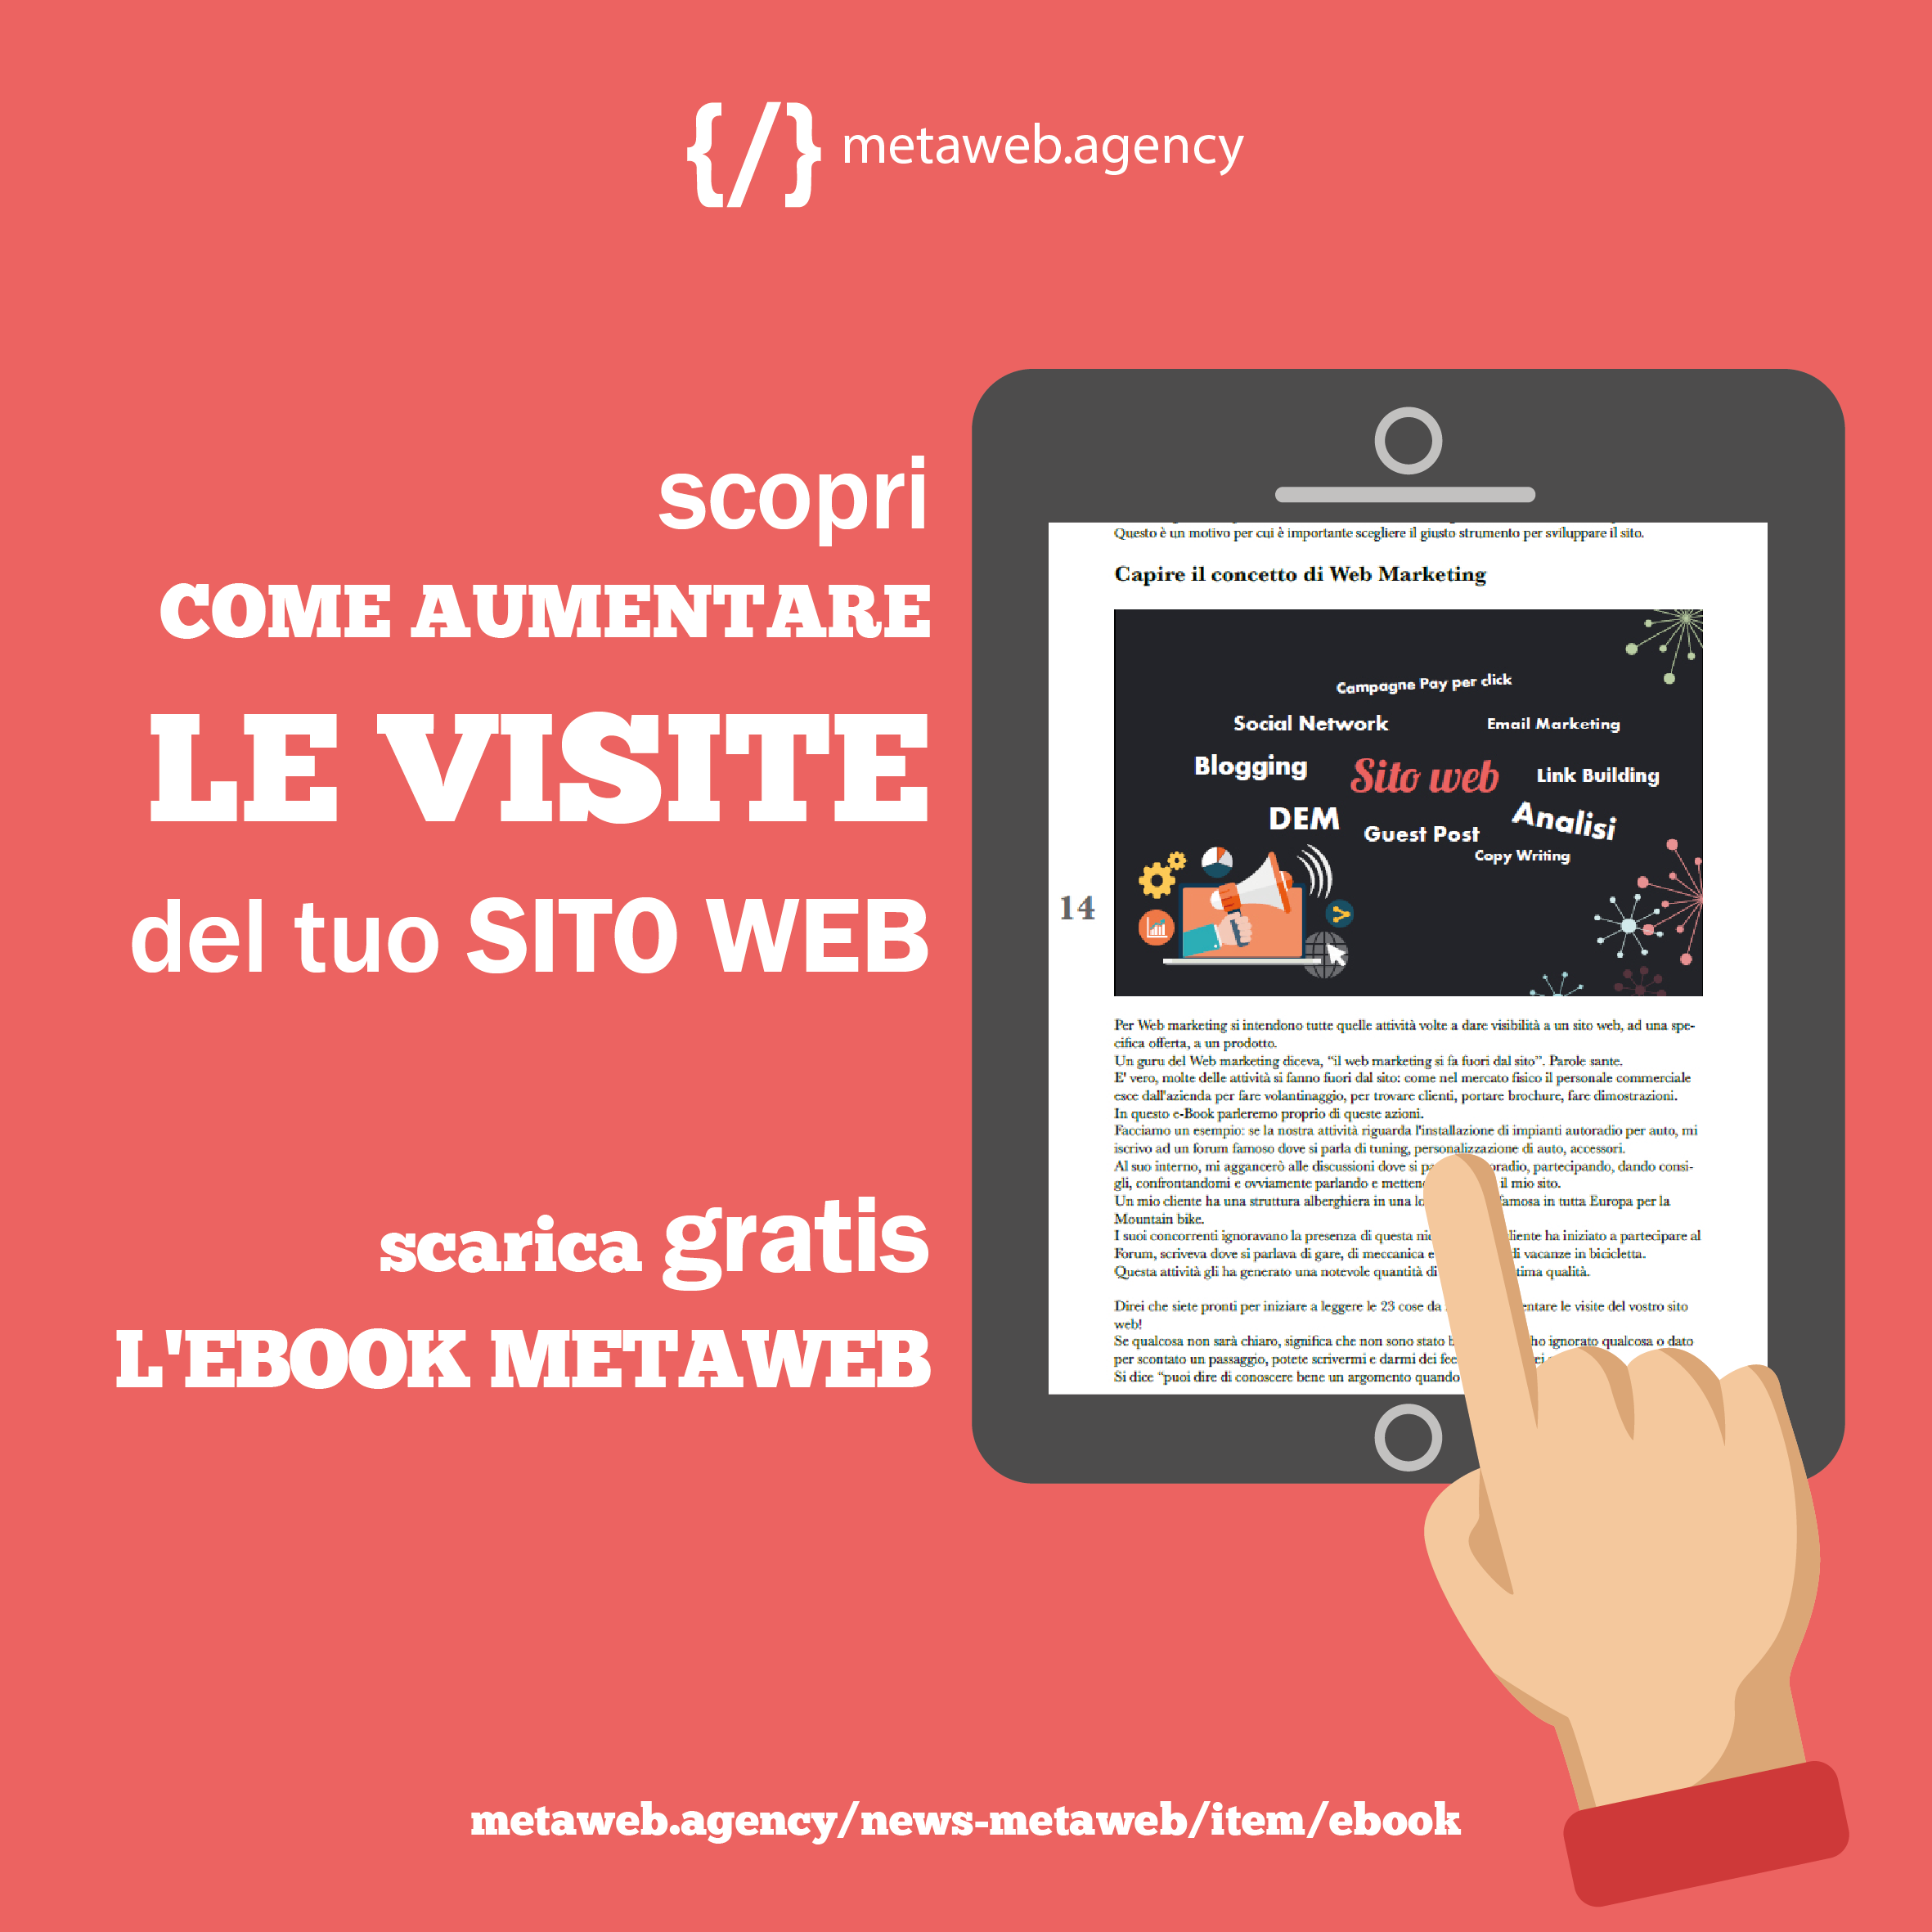 ebook gratuito - aumenta le visite del tuo sito web